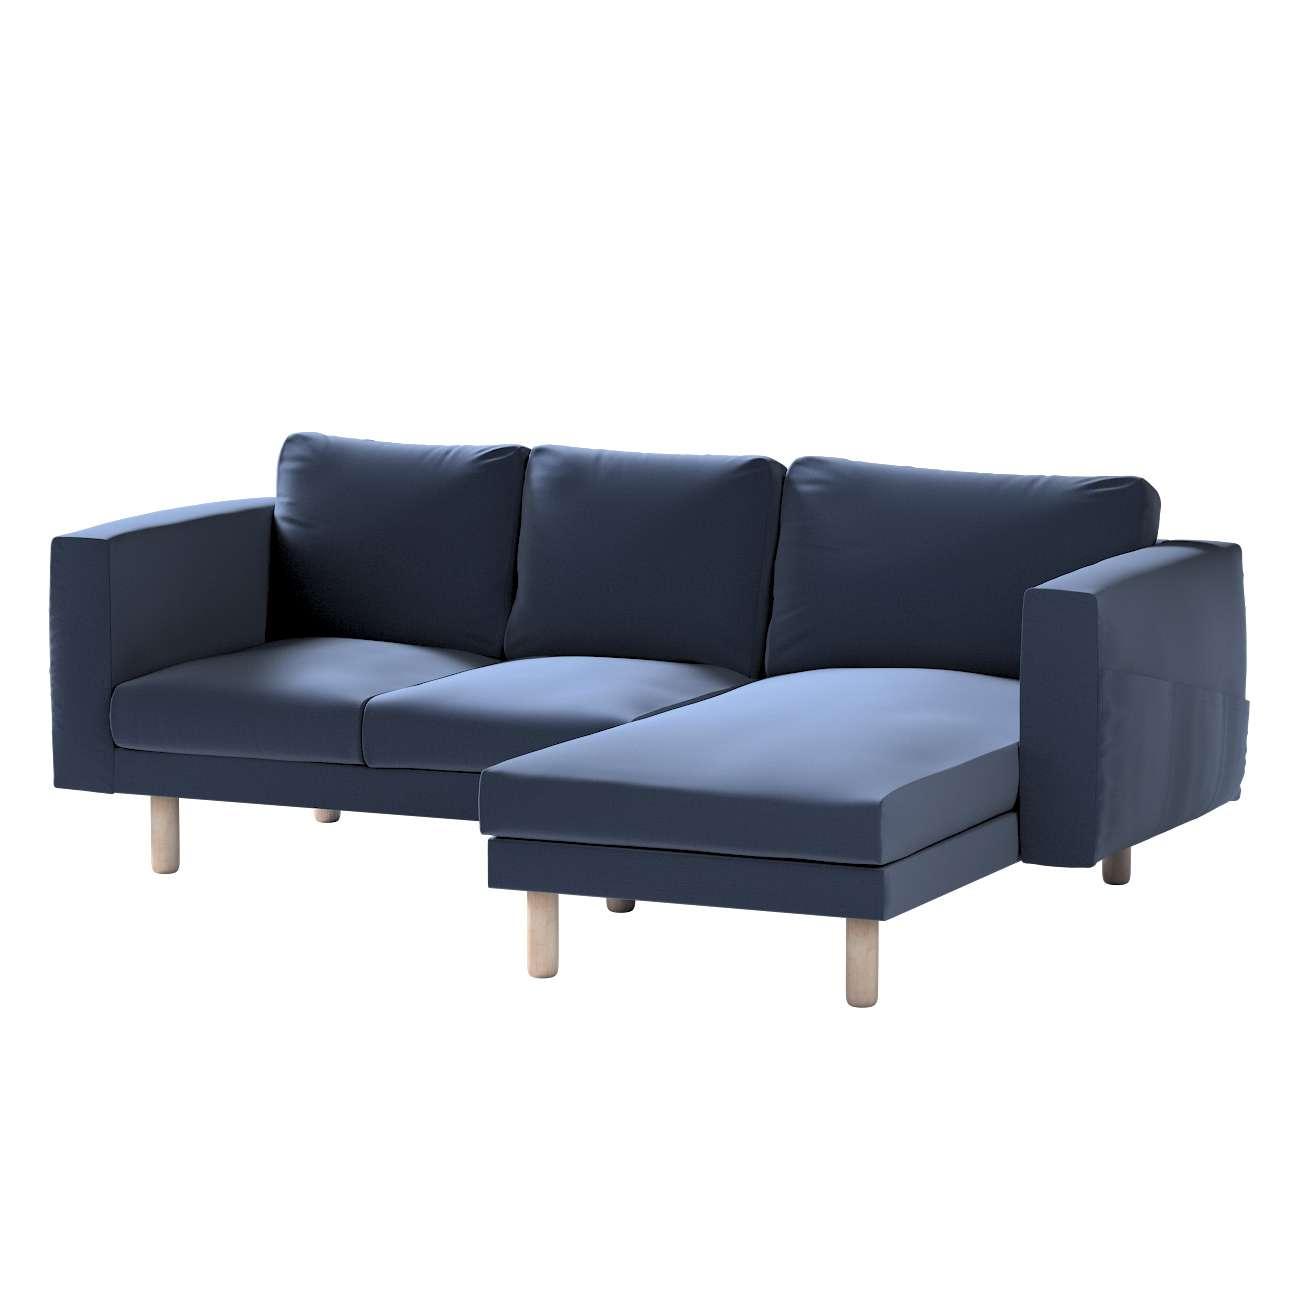 Pokrowiec na sofę Norsborg 3-osobową z szezlongiem w kolekcji Ingrid, tkanina: 705-39